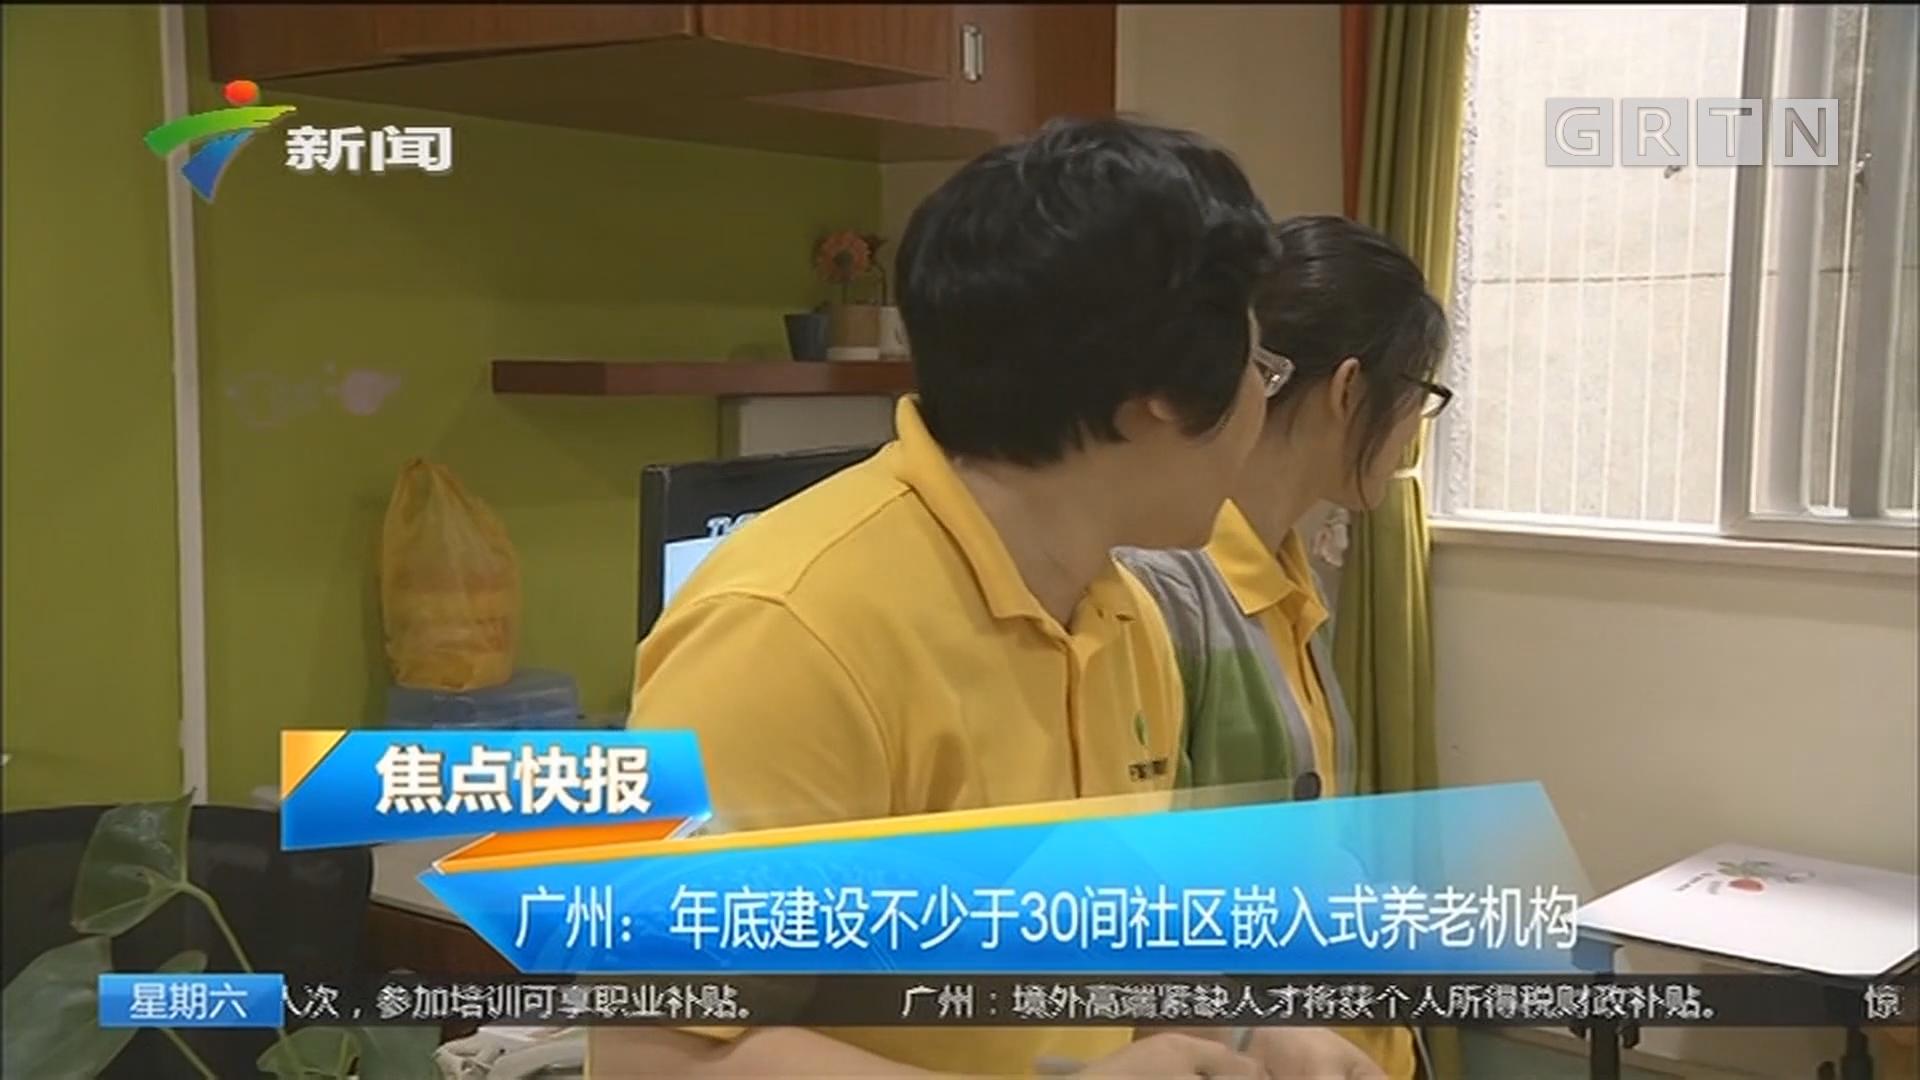 广州:年底建设不少于30间社区嵌入式养老机构